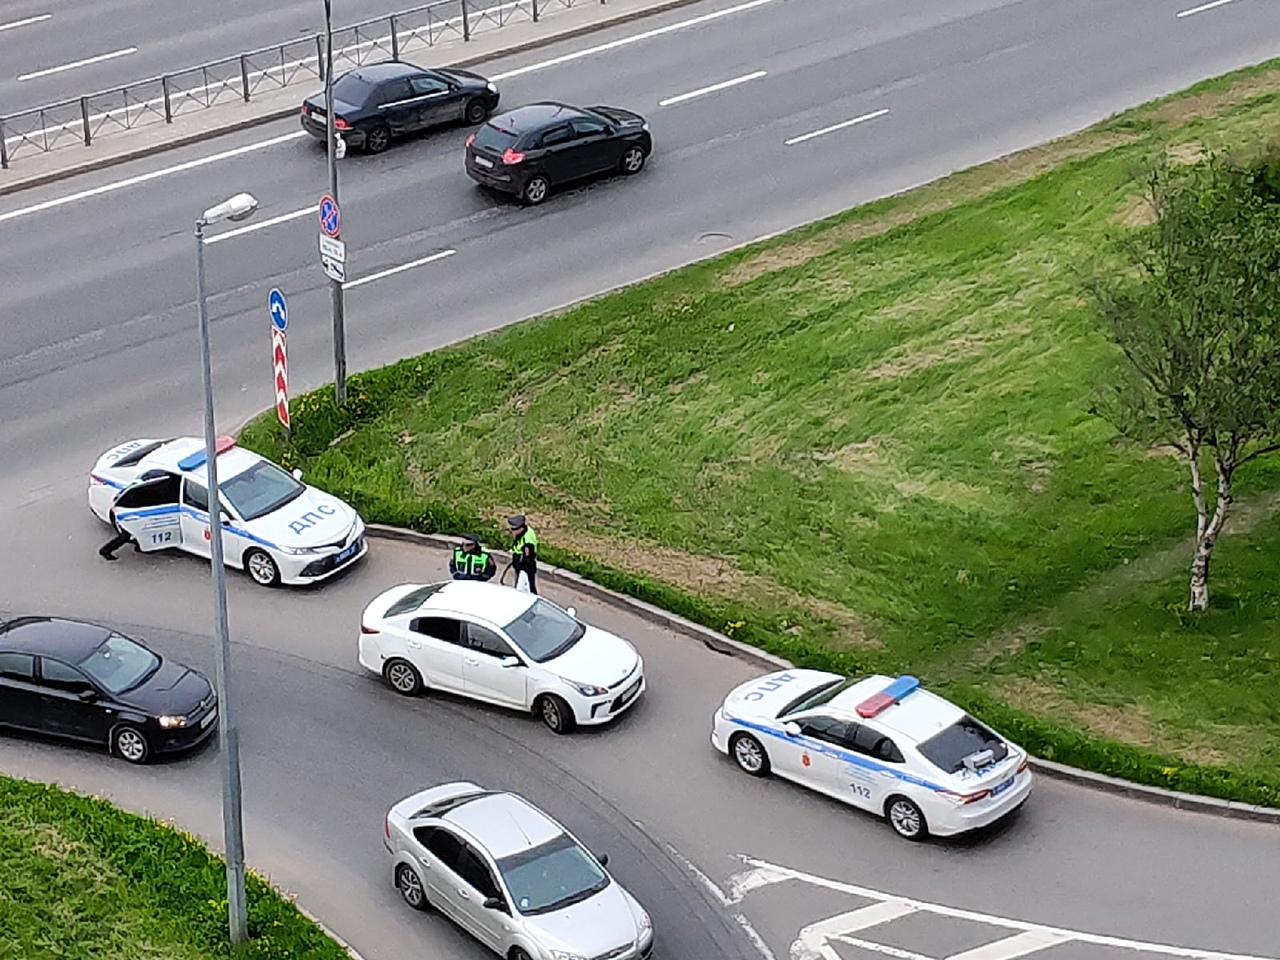 На съезде с Дунайского моста, у кармана, задержан белый легковой автомобиль несколькими машинами ГАИ...